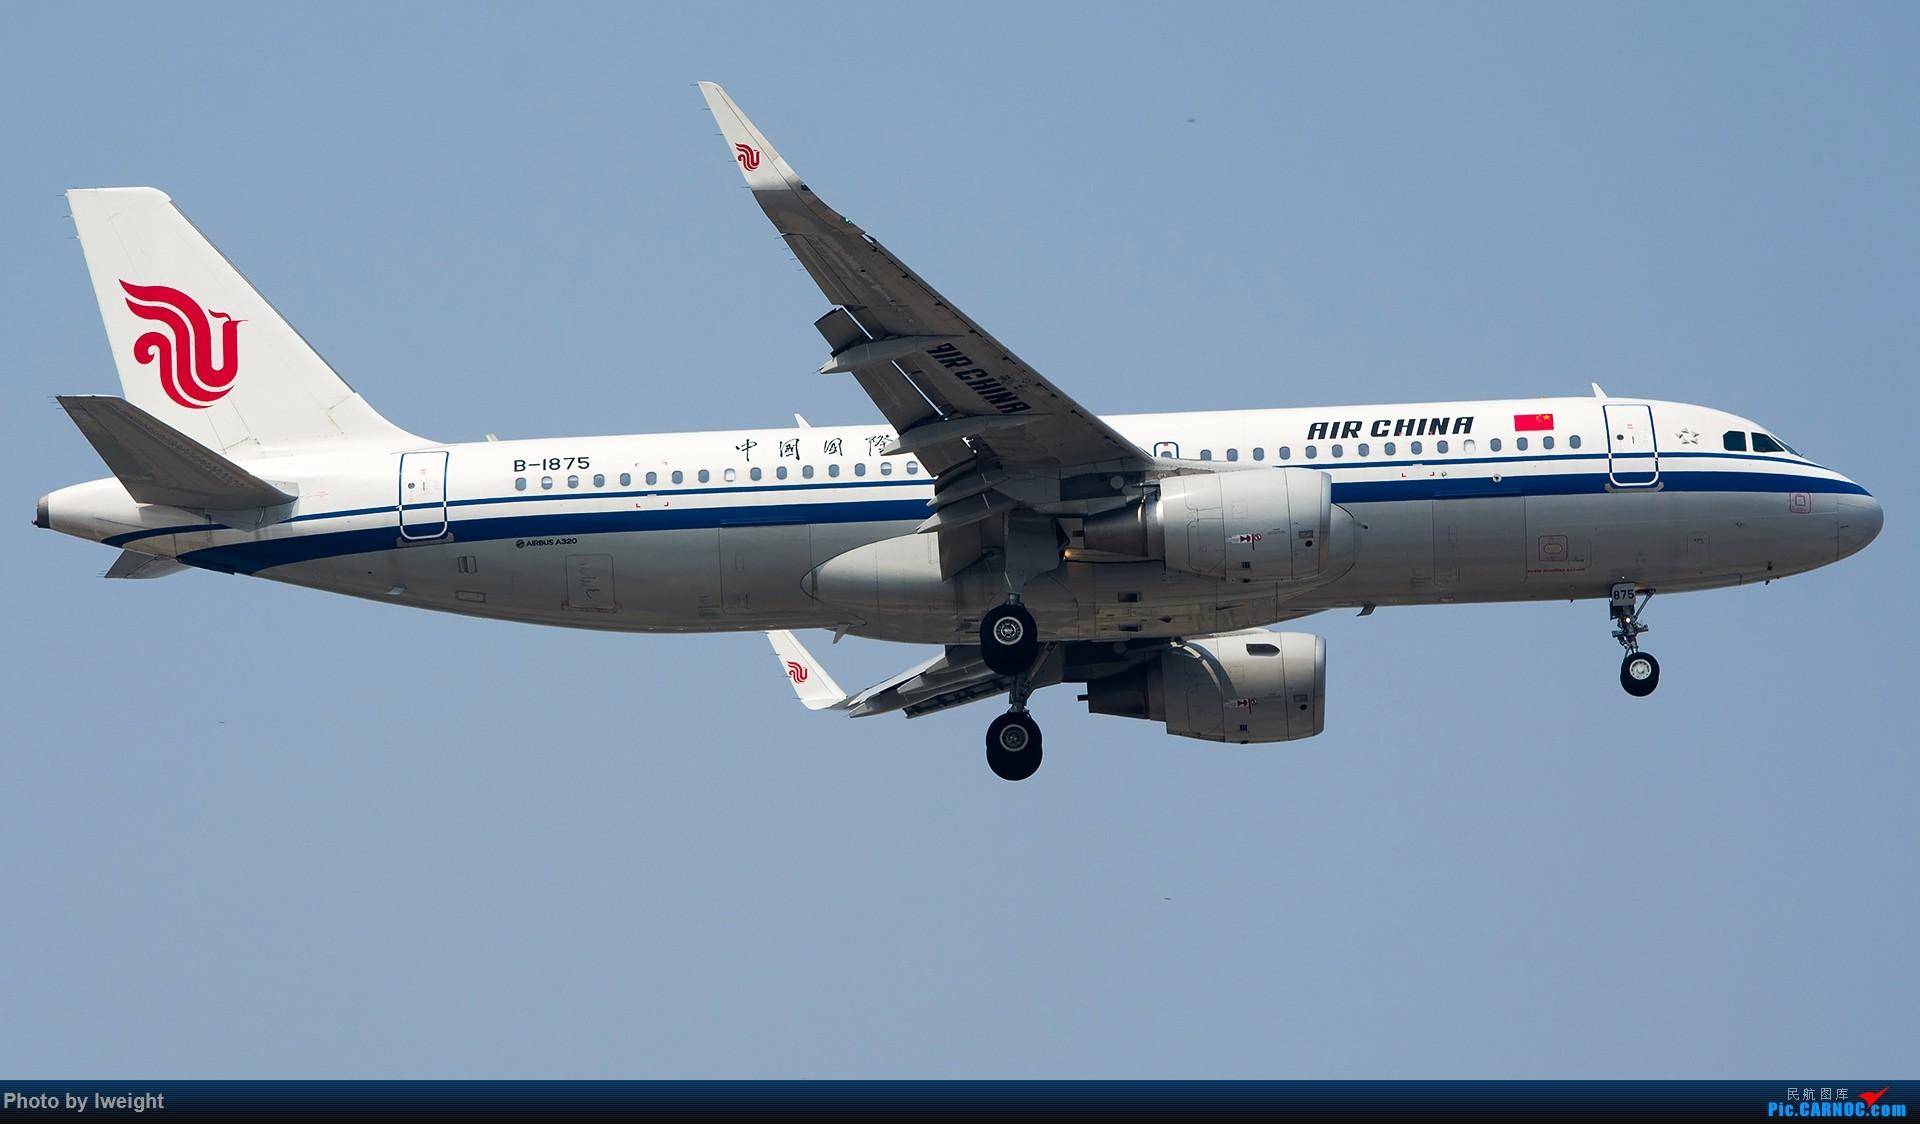 [原创]周末帝都霾天拍机,凑合看看吧【2015-5-23】 AIRBUS A320-200 B-1875 中国北京首都国际机场